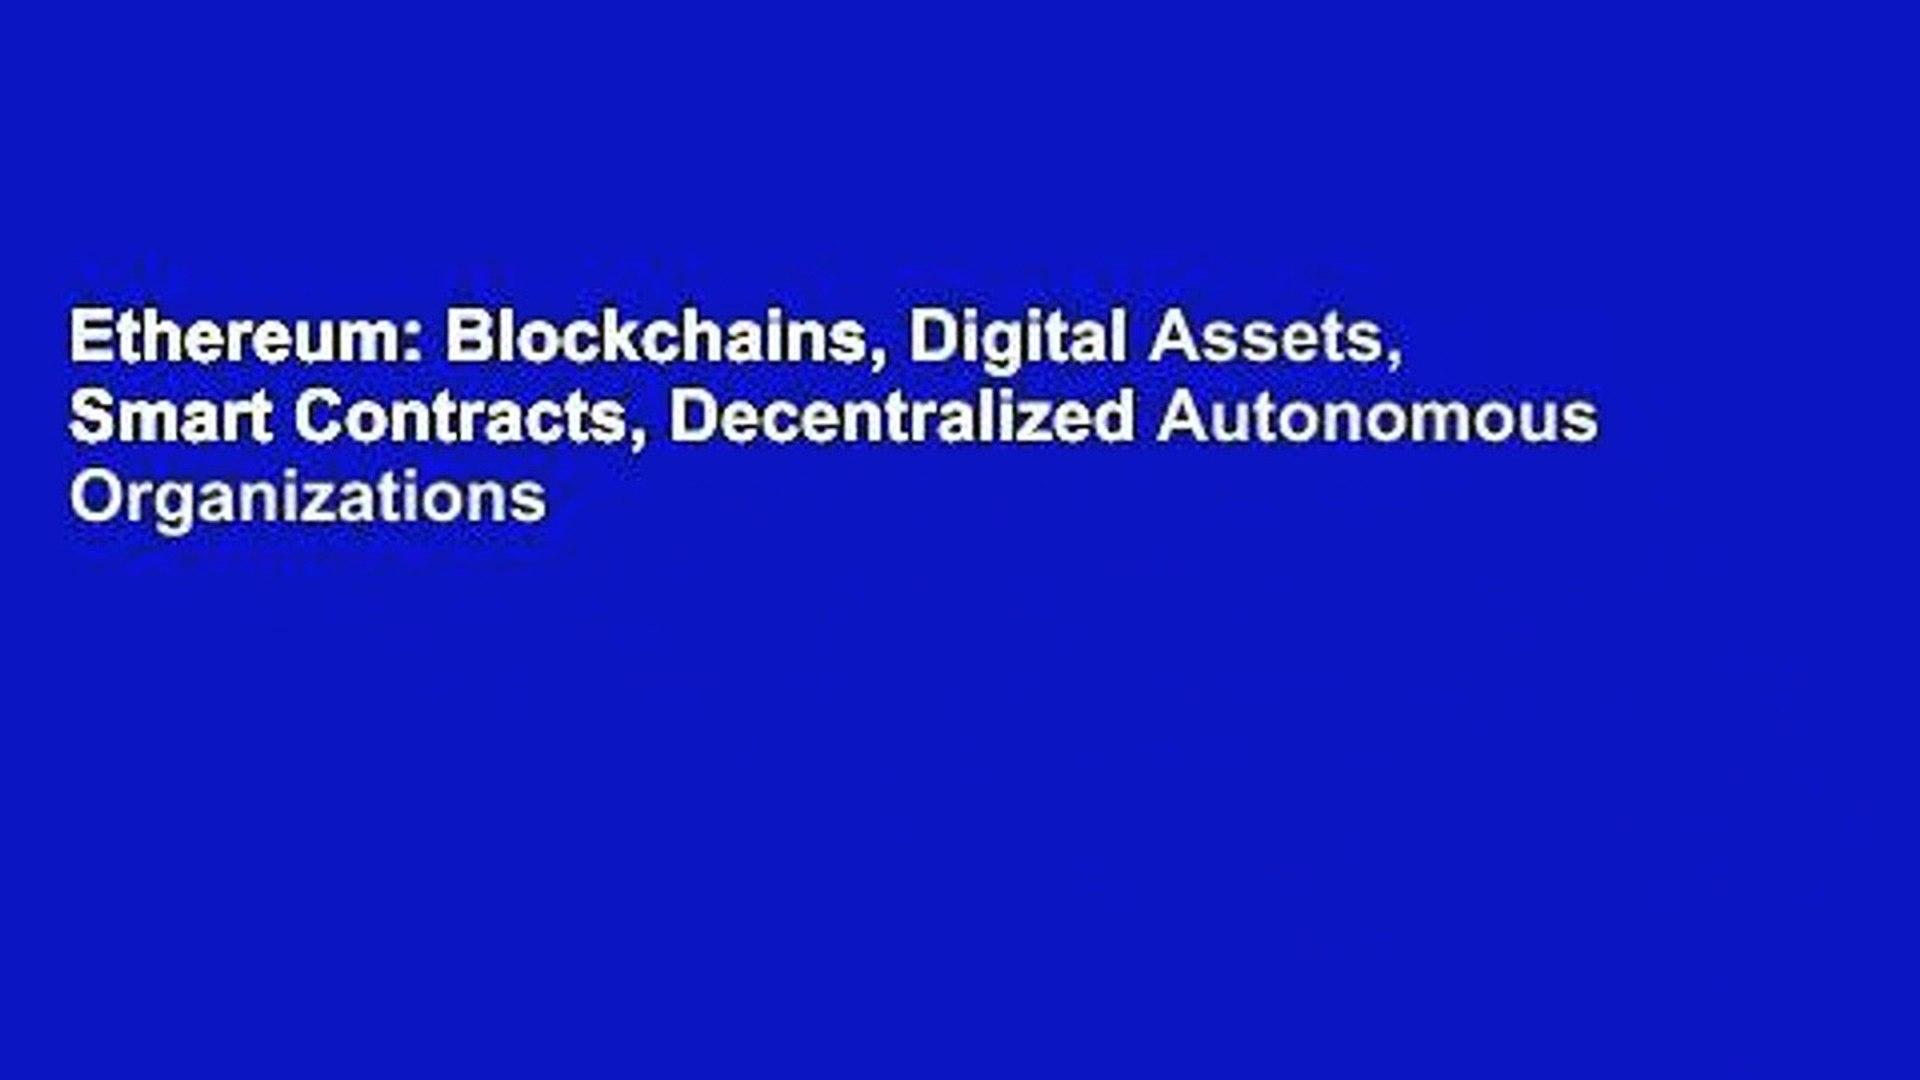 Ethereum: Blockchains, Digital Assets, Smart Contracts, Decentralized Autonomous Organizations